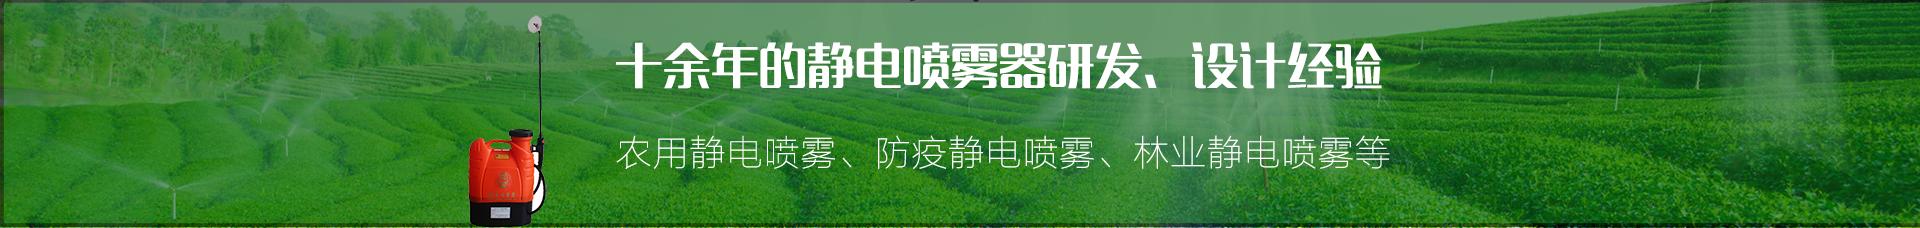 农用静电喷雾,防疫静电喷雾,林业静电喷雾